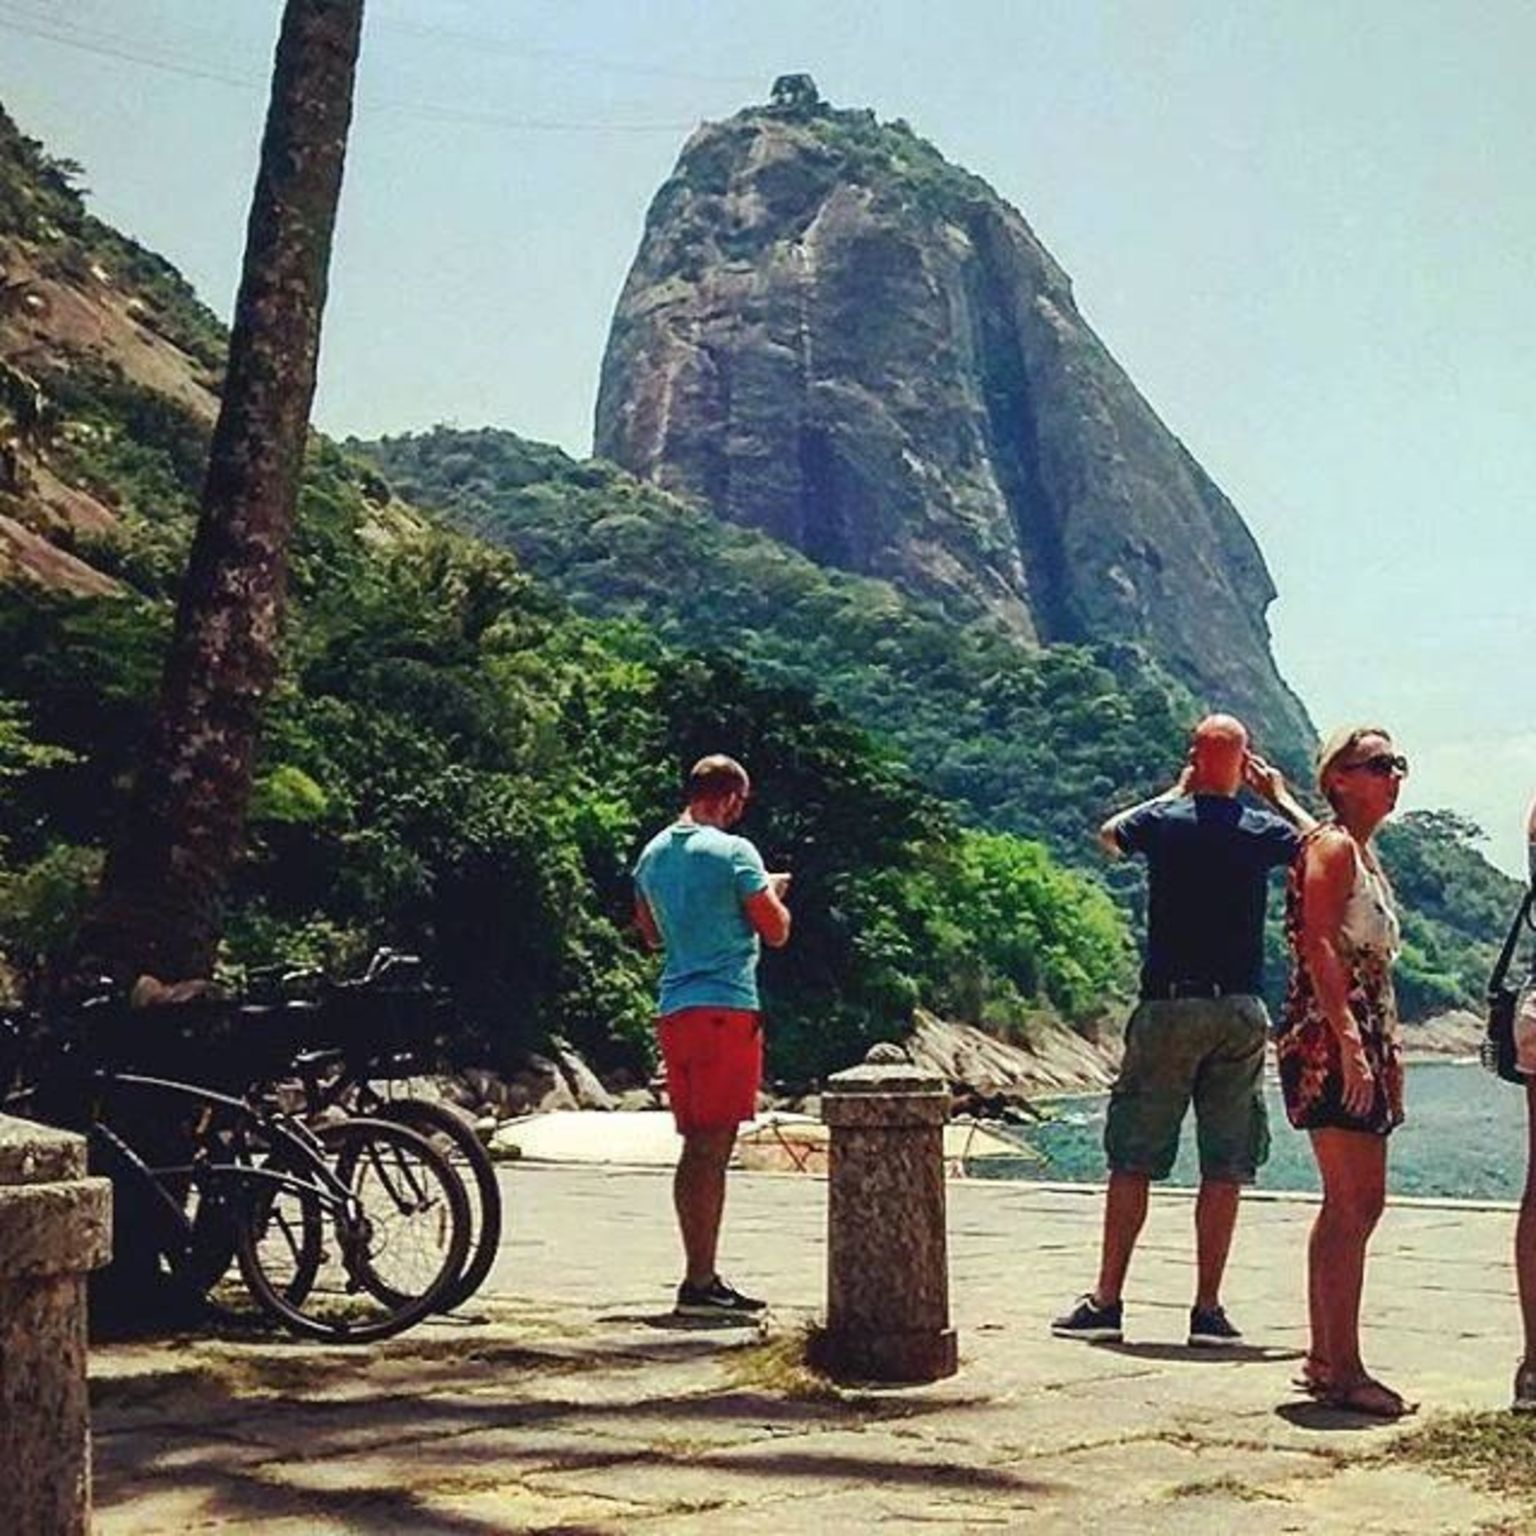 MAIS FOTOS, Passeio de bicicleta no Rio de Janeiro, incluindo Praia Vermelha e Arpoador